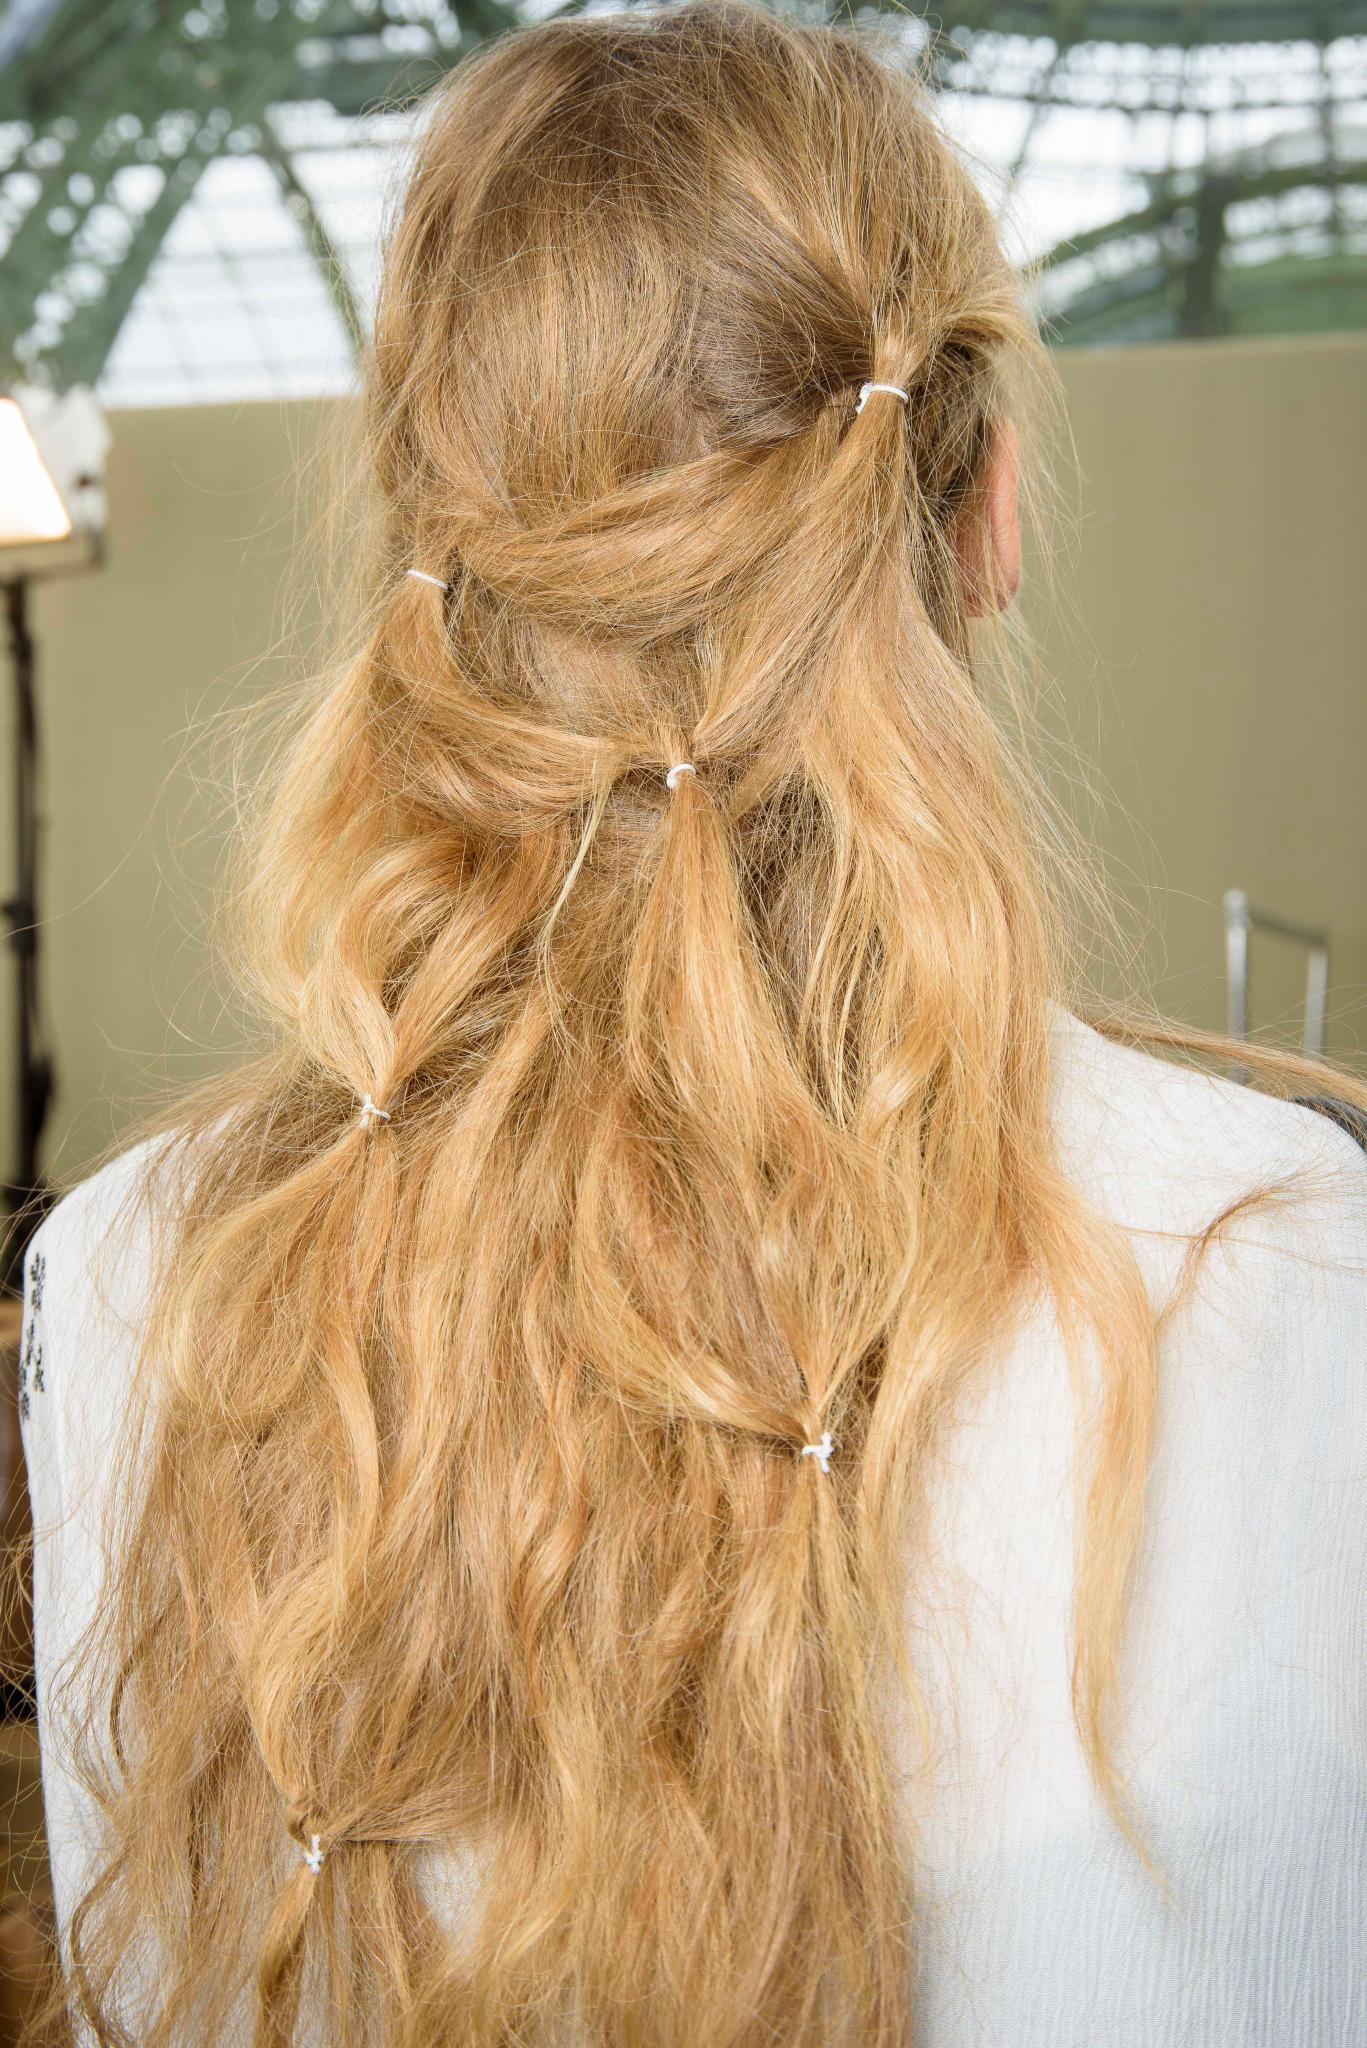 Mujer de espaldas, rubia, cabello suelto con pequeñas hebillas a modo decorativo